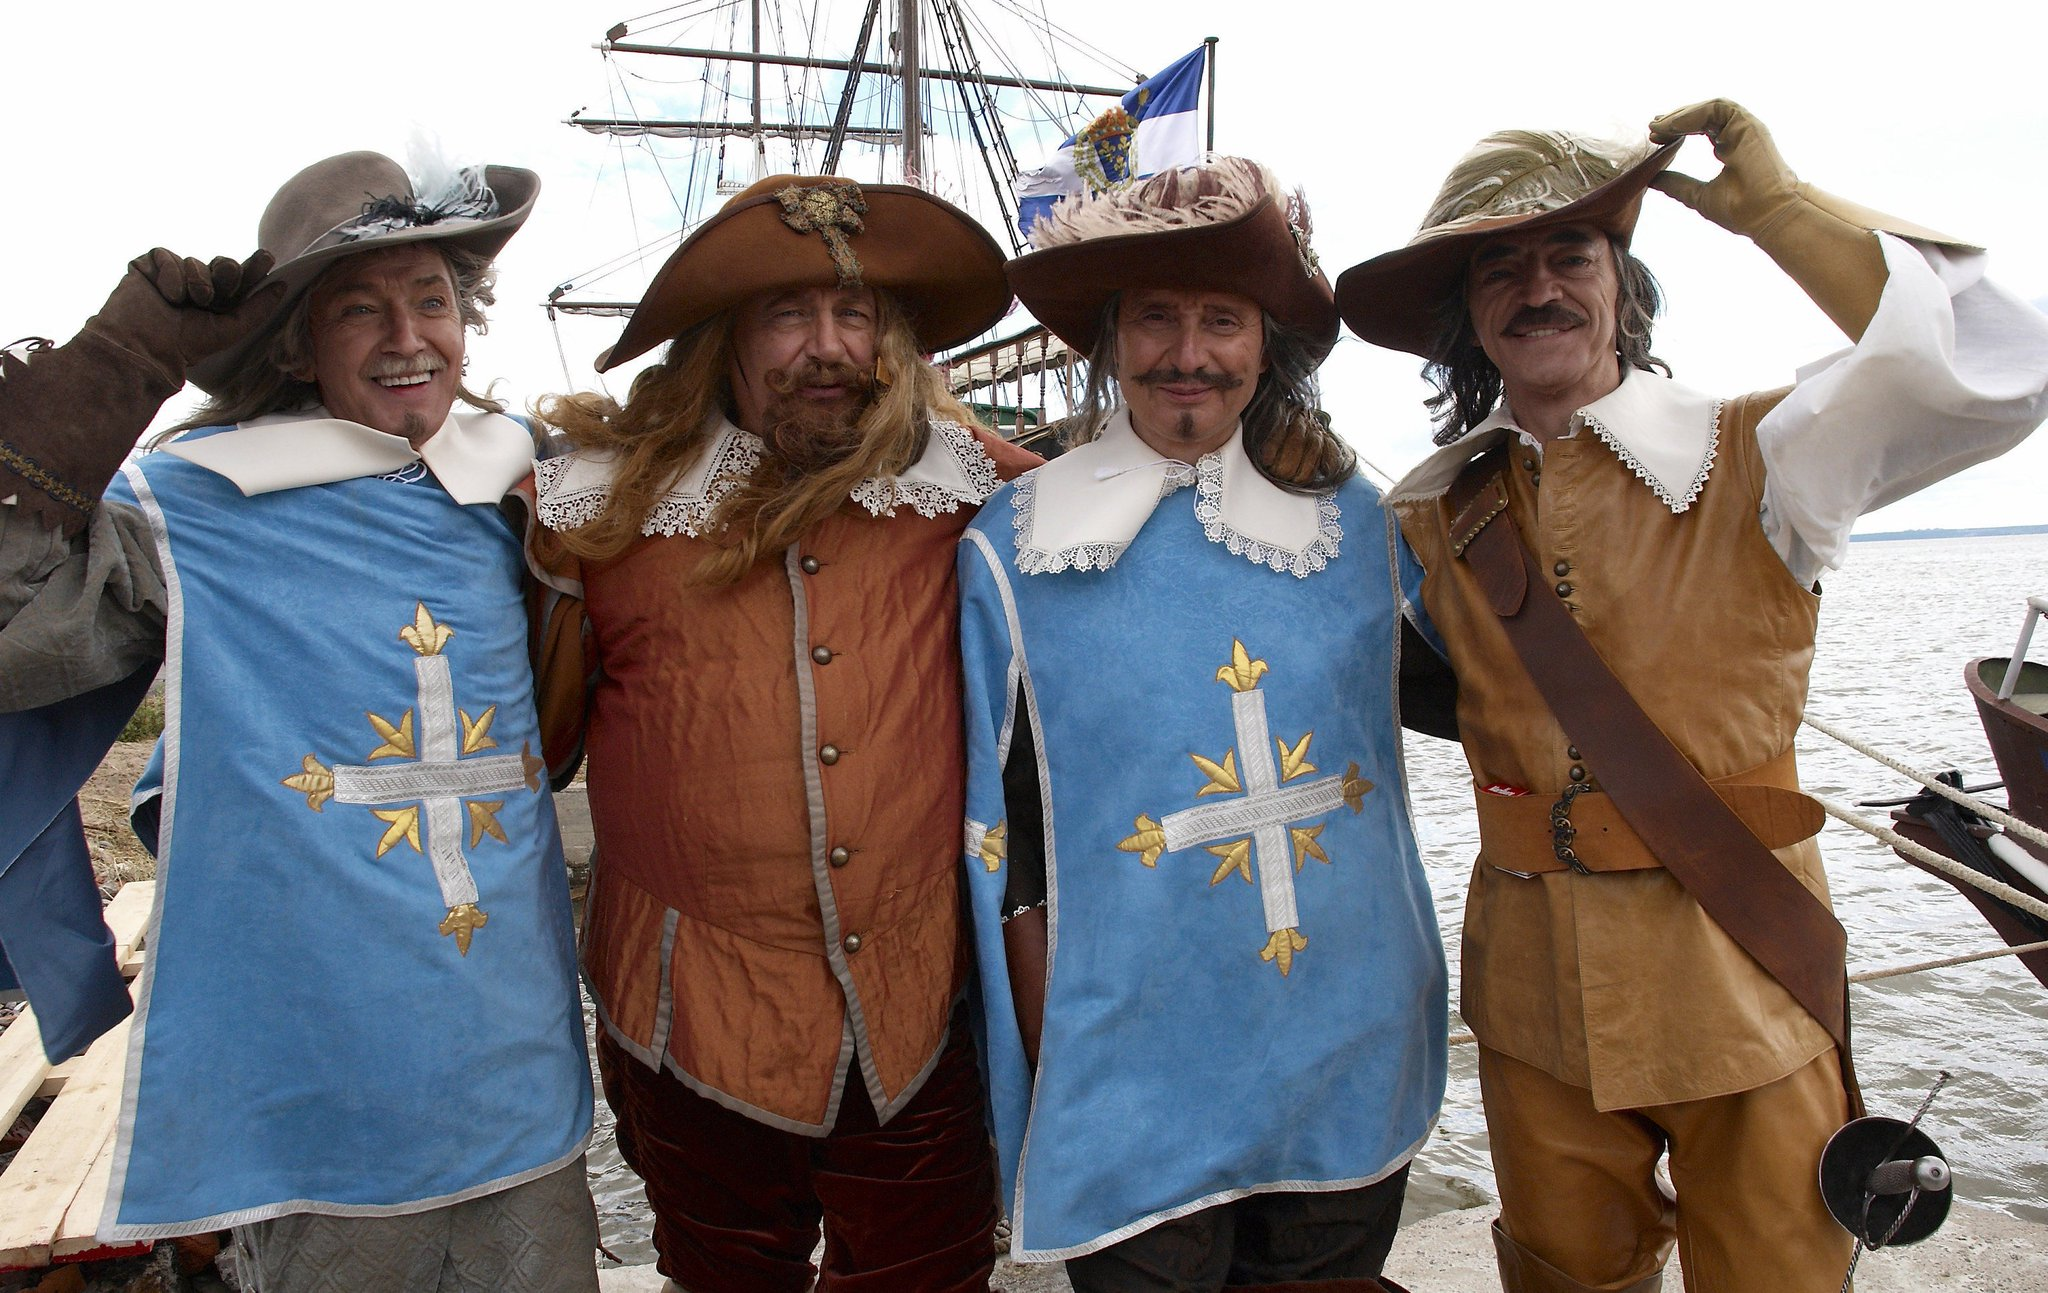 надеются картинки четыре мушкетера чтобы избавиться